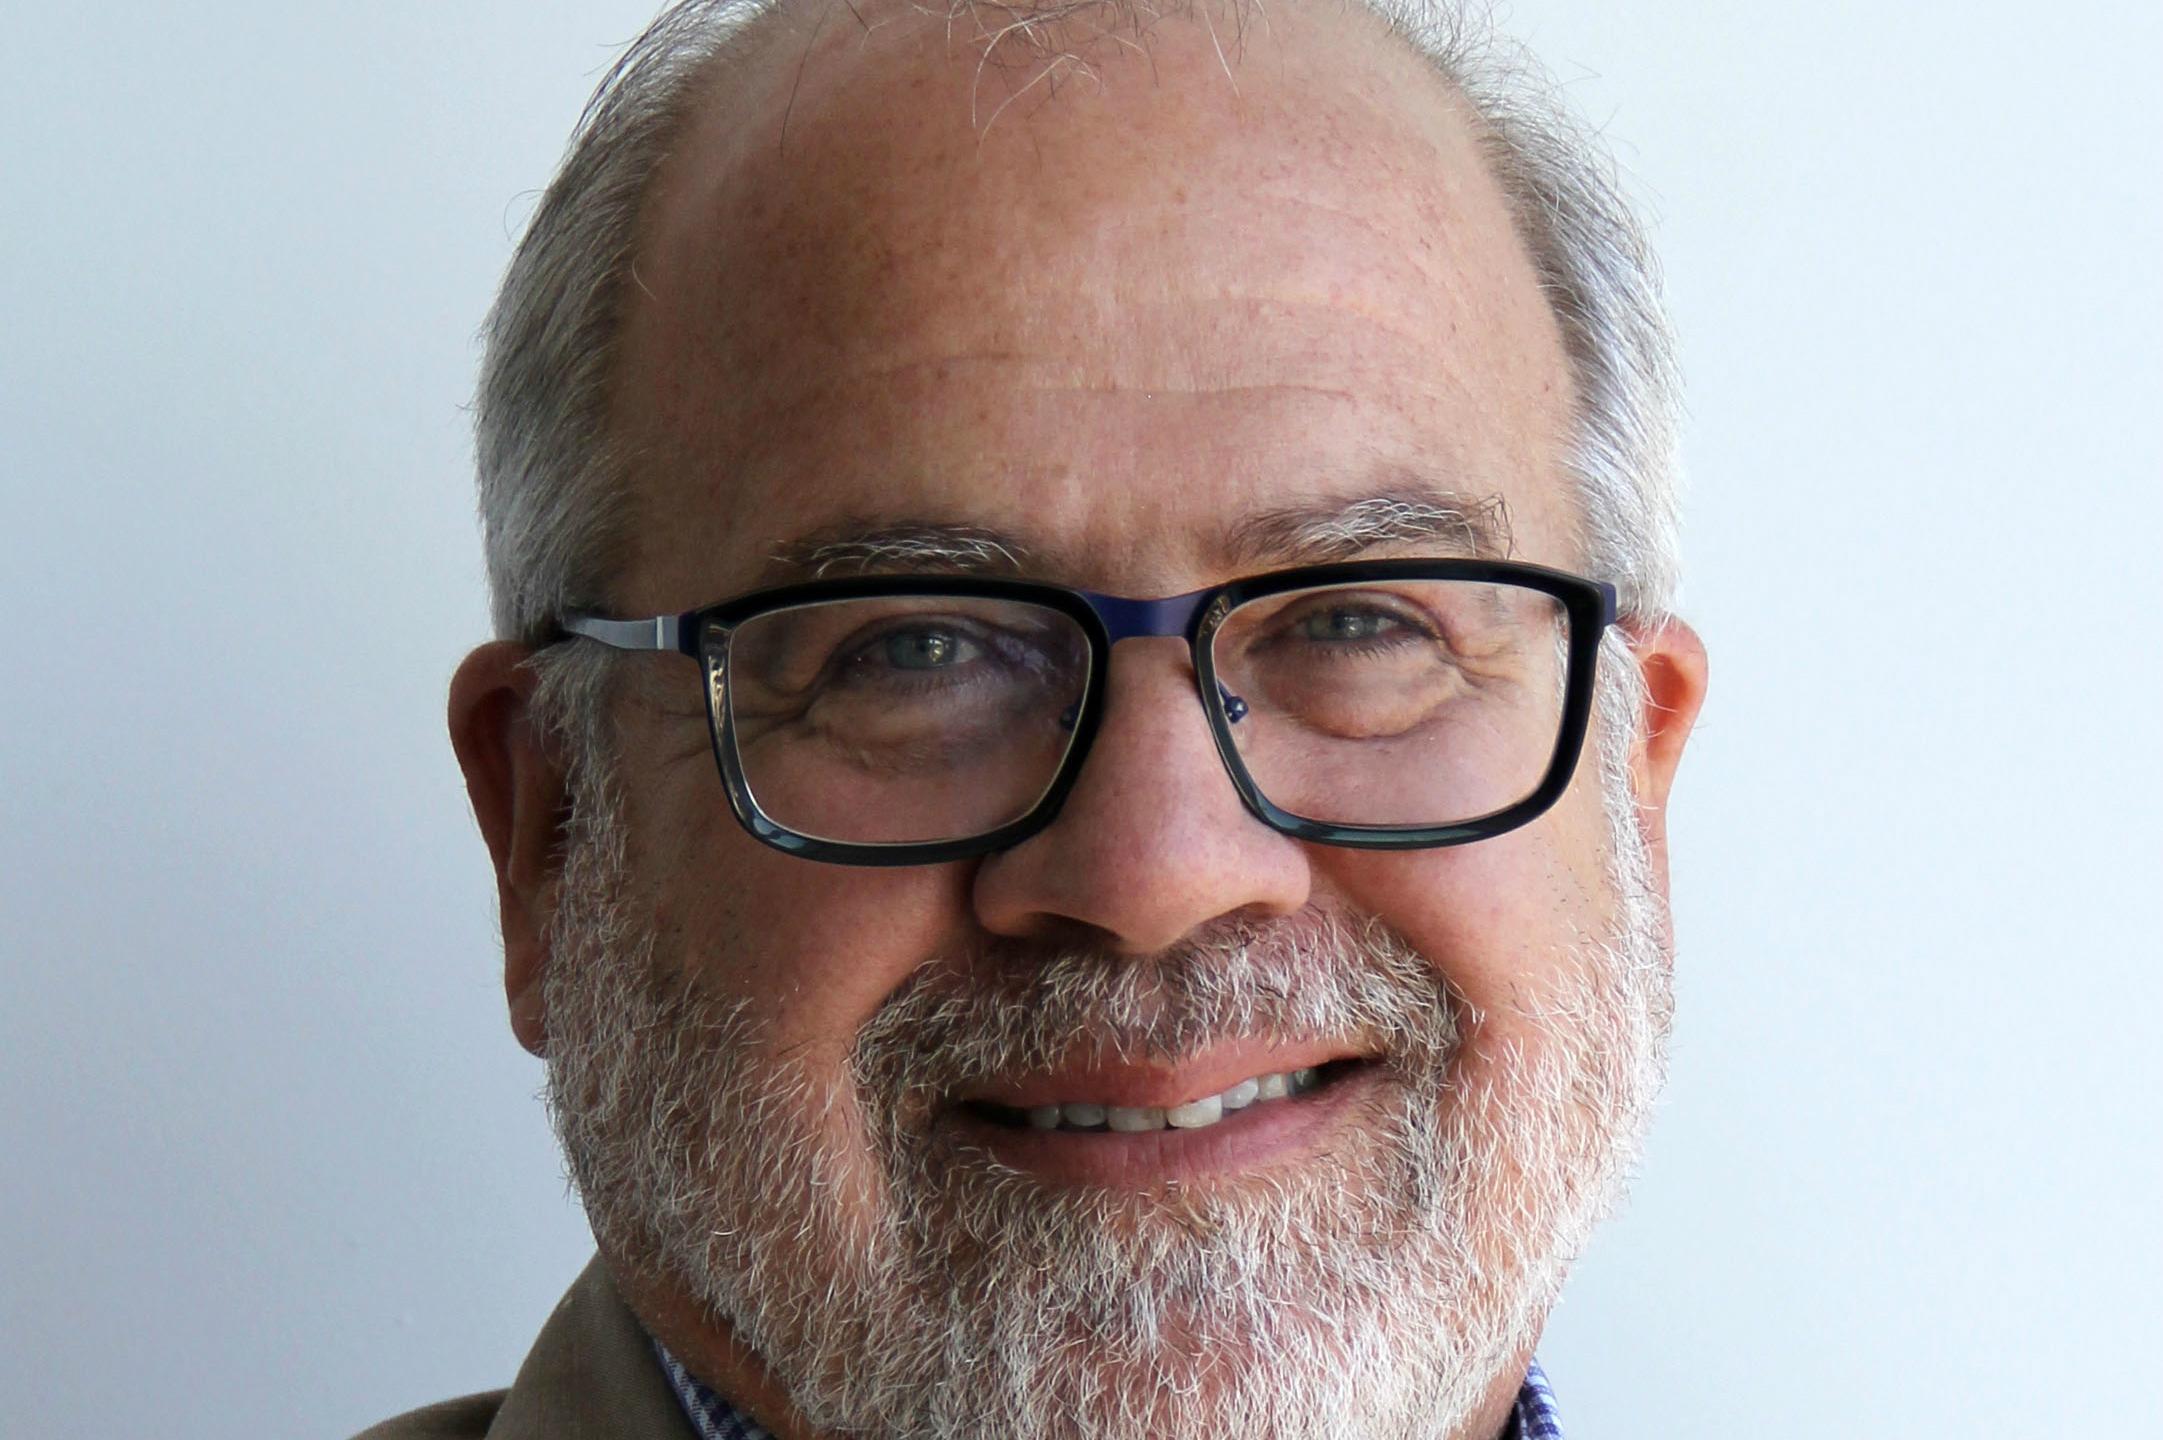 Entrevue du mois: Paul Racicot – Directeur du CSEM